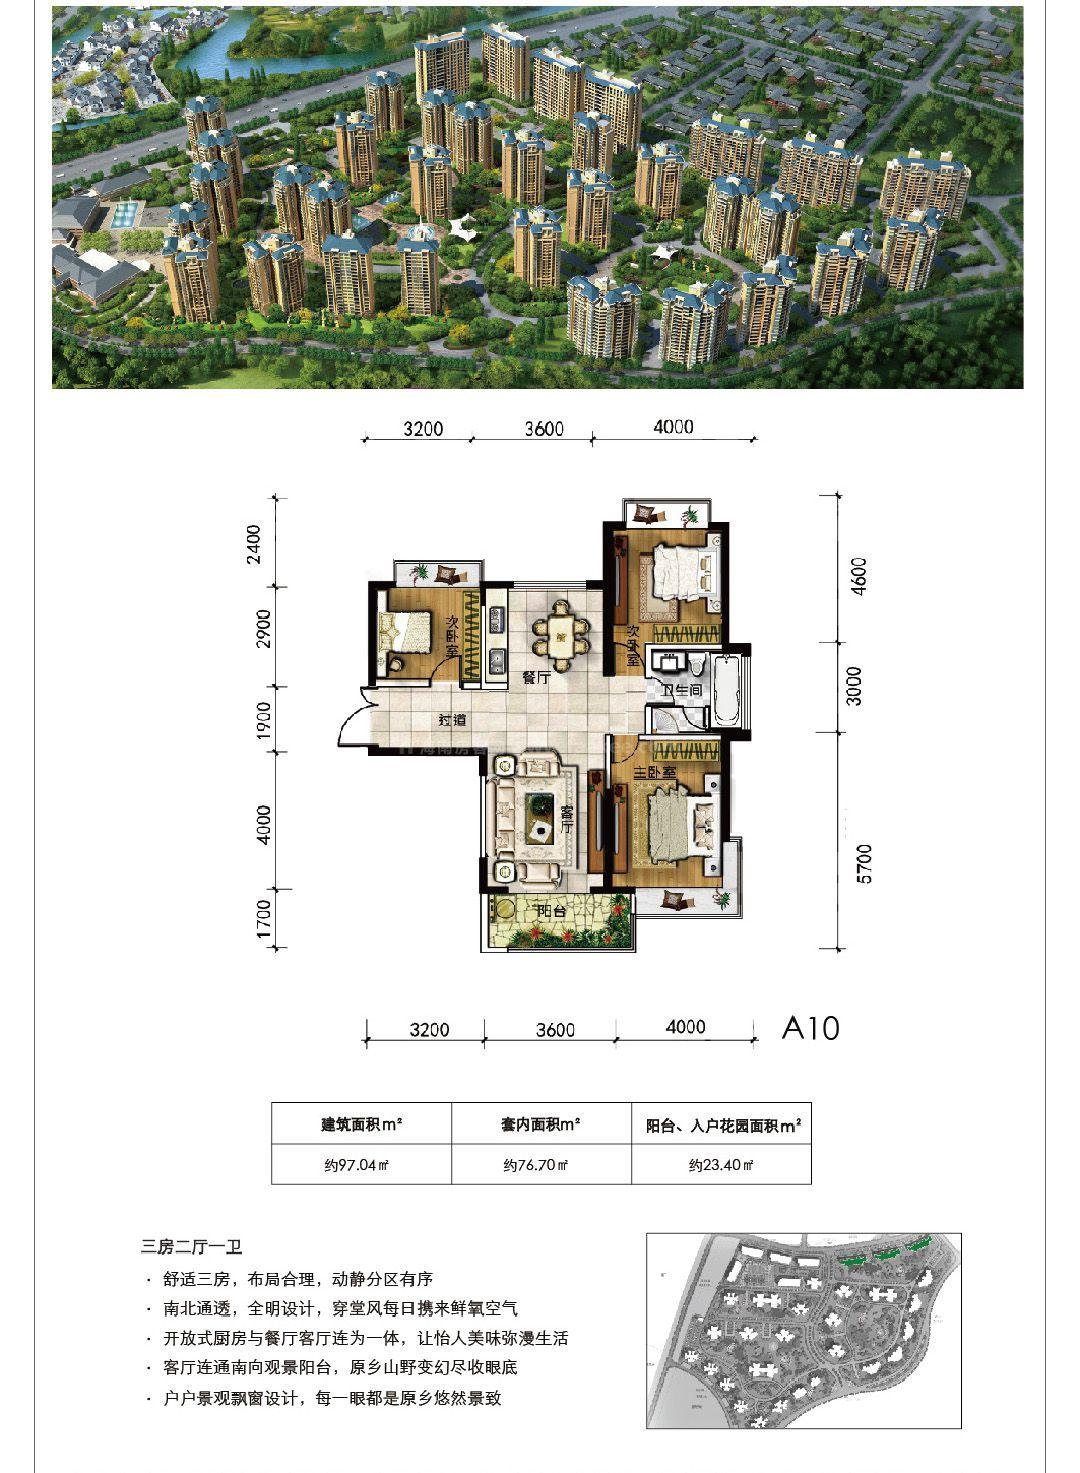 山居高黎洋房A10户型 3室2厅1卫1厨 建筑面积:97.04㎡